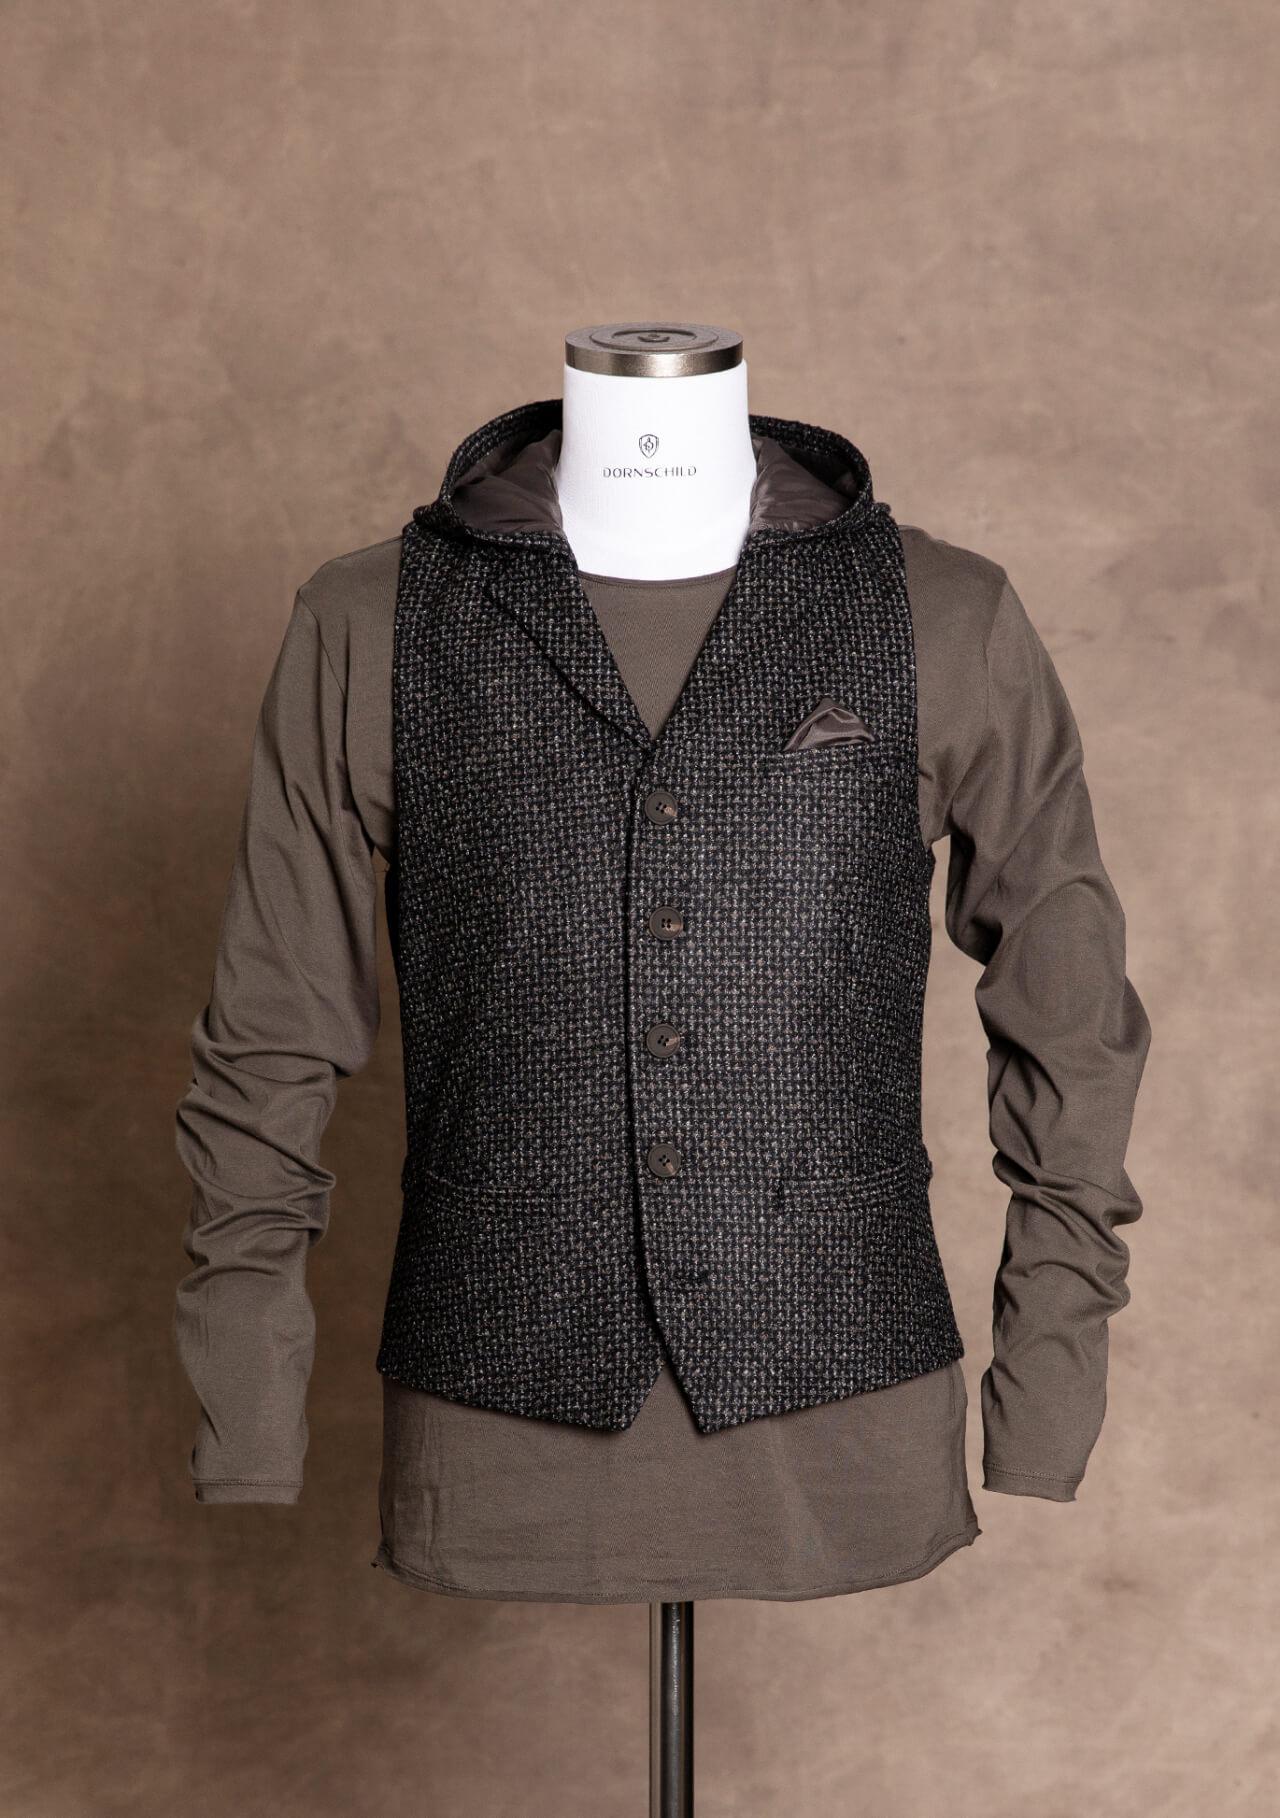 Sportlich schicke und modische Premium Herrenweste von DORNSCHILD mit abnehmbarer Kapuze Schwarz Grau gemustert für einen lässigen und stilvollen Auftritt.